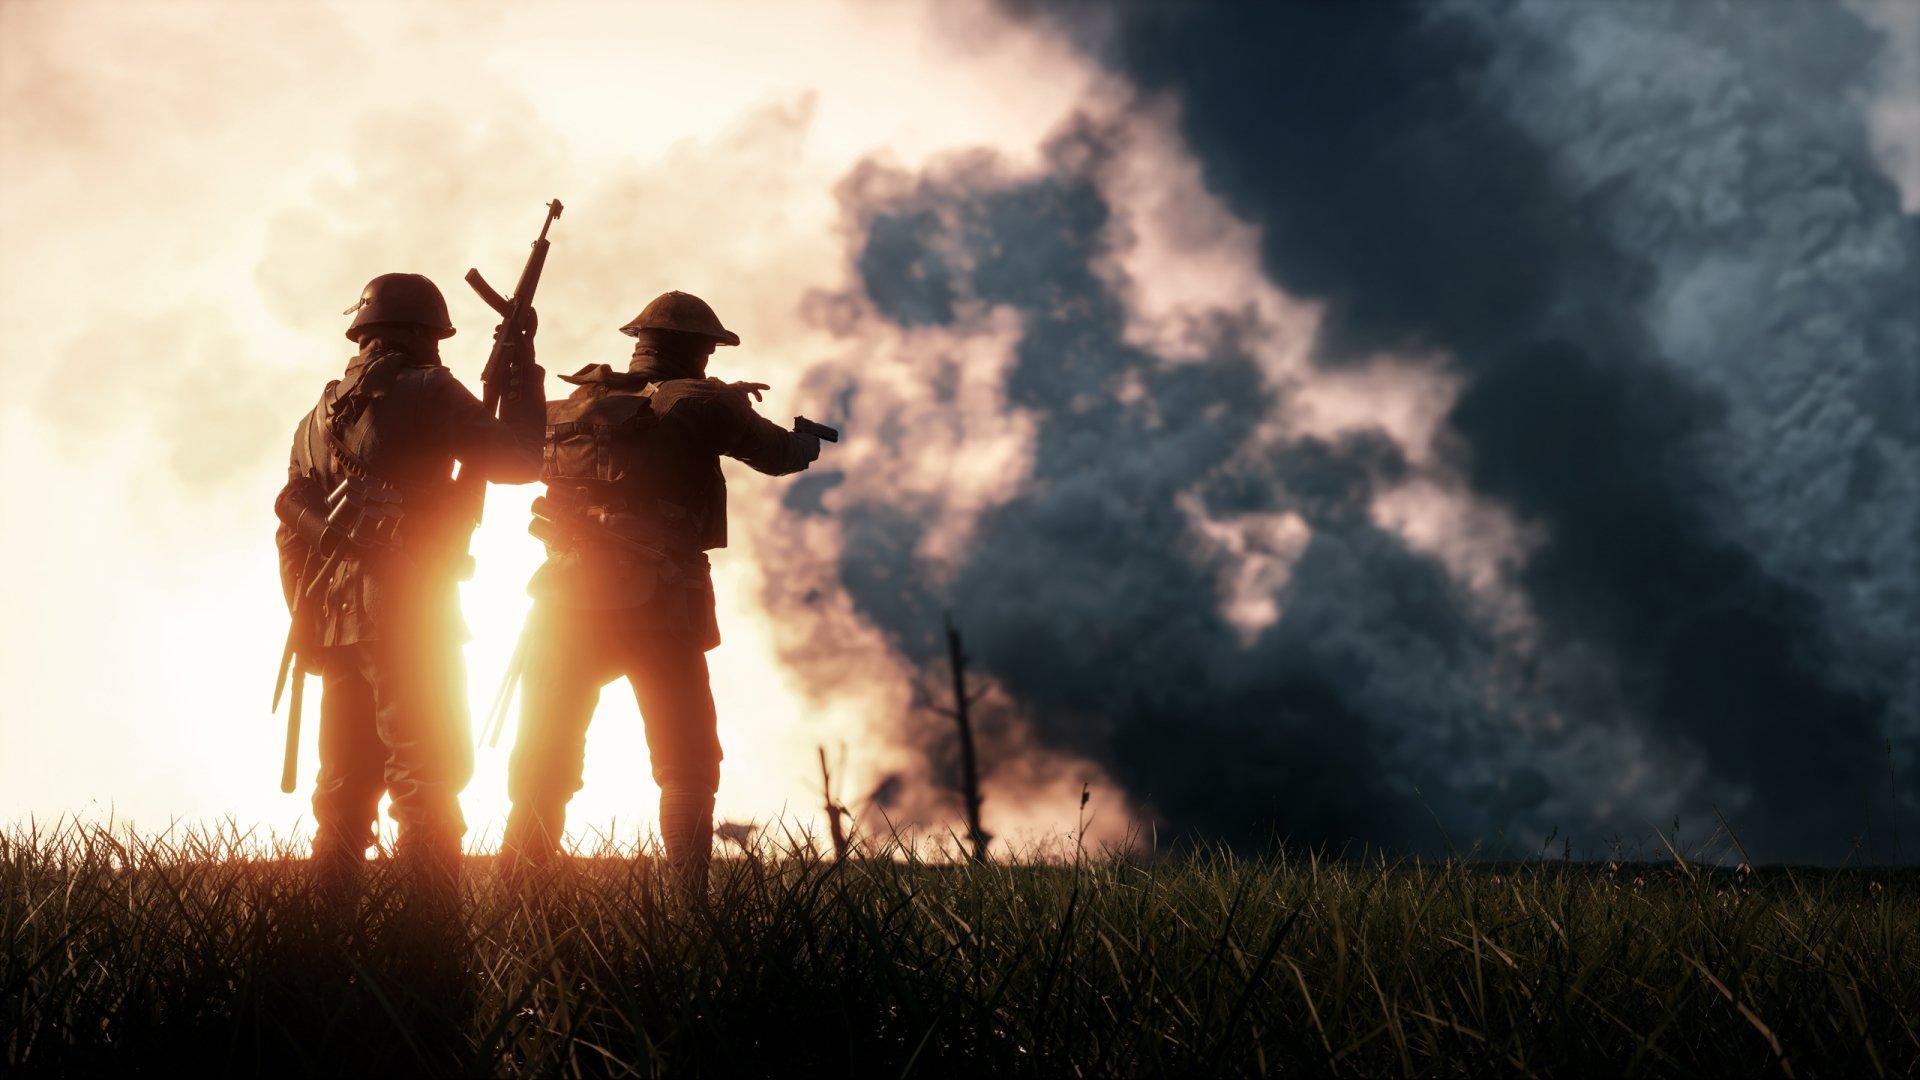 Battlefield 1 War Video Game Hd Wallpaper: Battlefield 1 HD Wallpaper